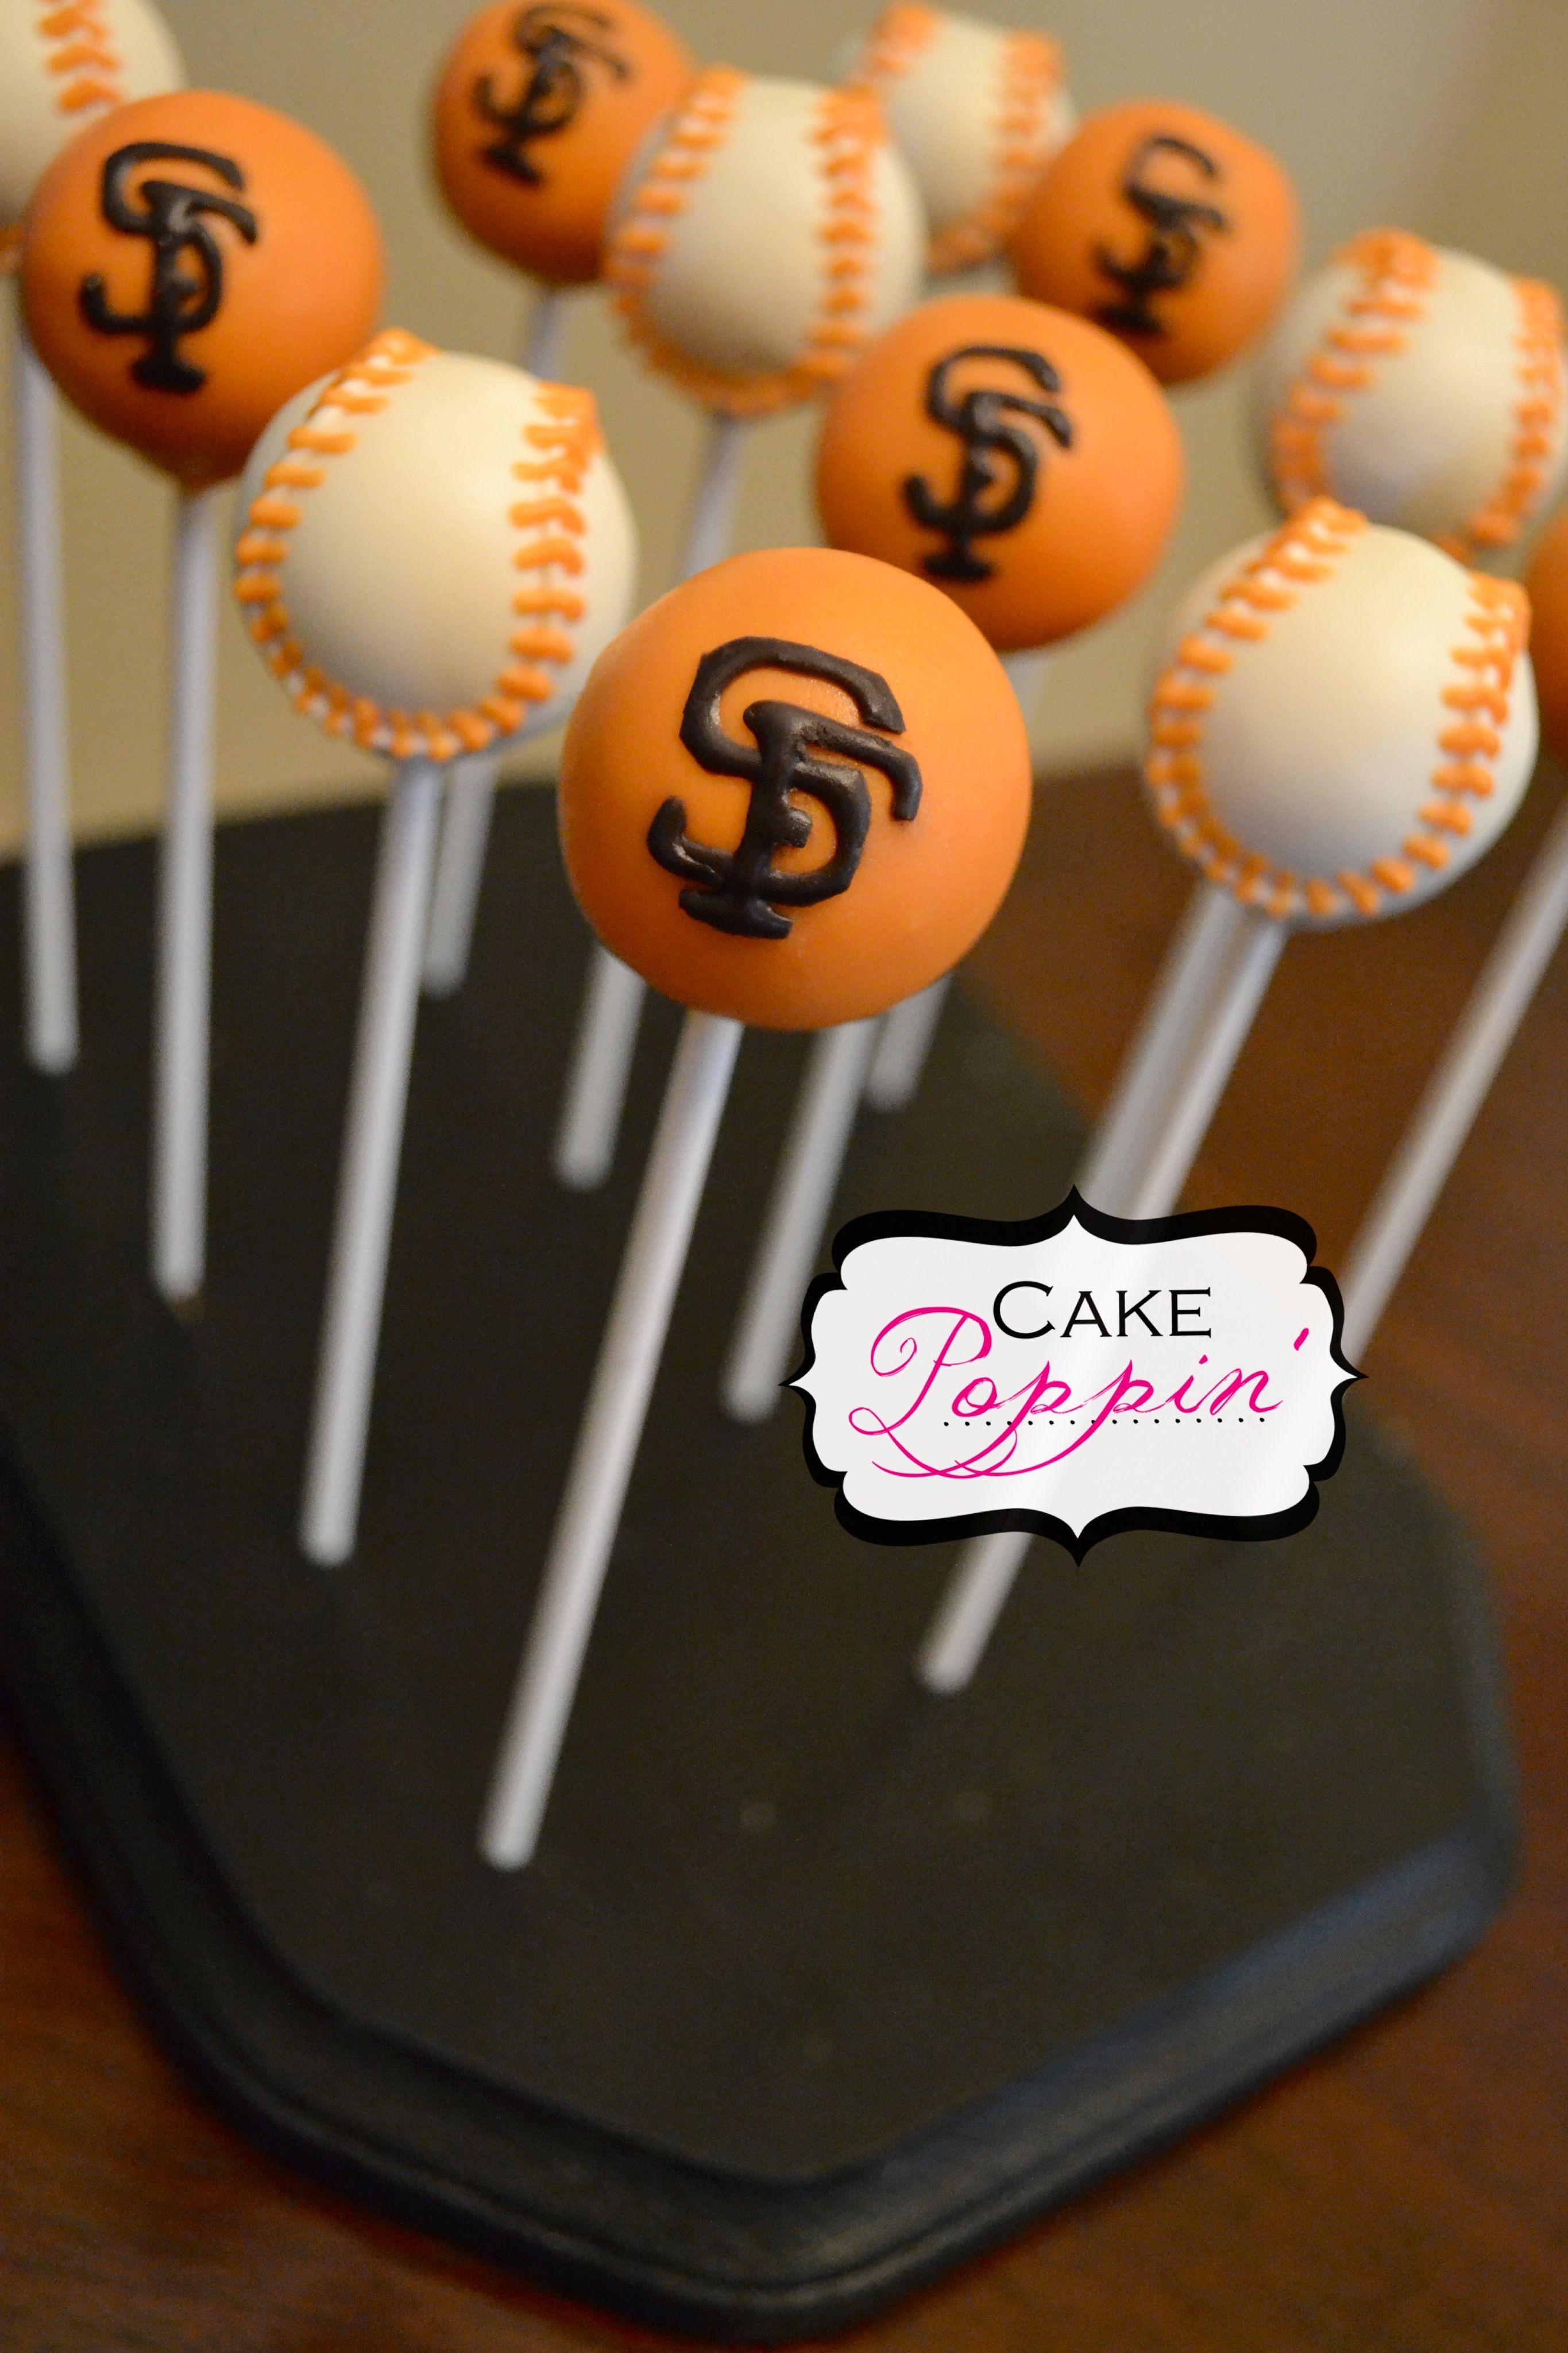 Giants baseball cake pops   Cake Pops   Pinterest ...